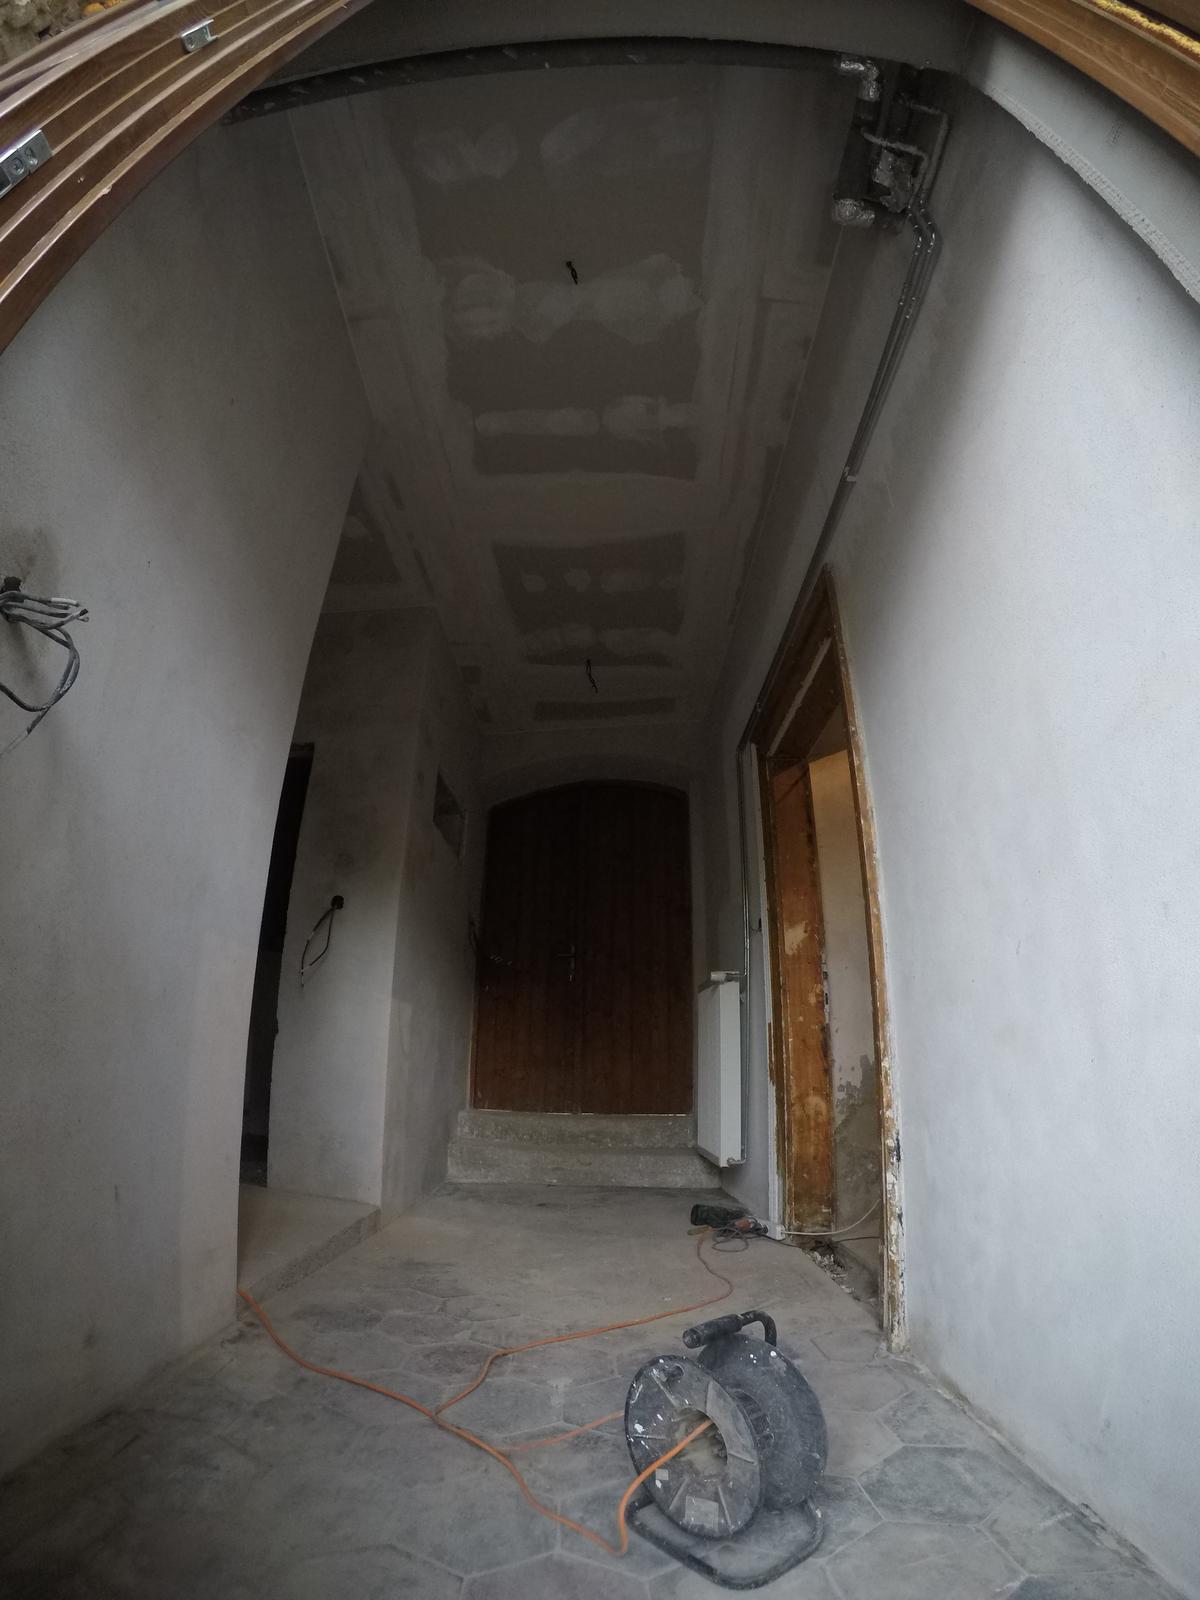 Rekonstrukcia  domu z 18- teho storocia - Obrázok č. 205